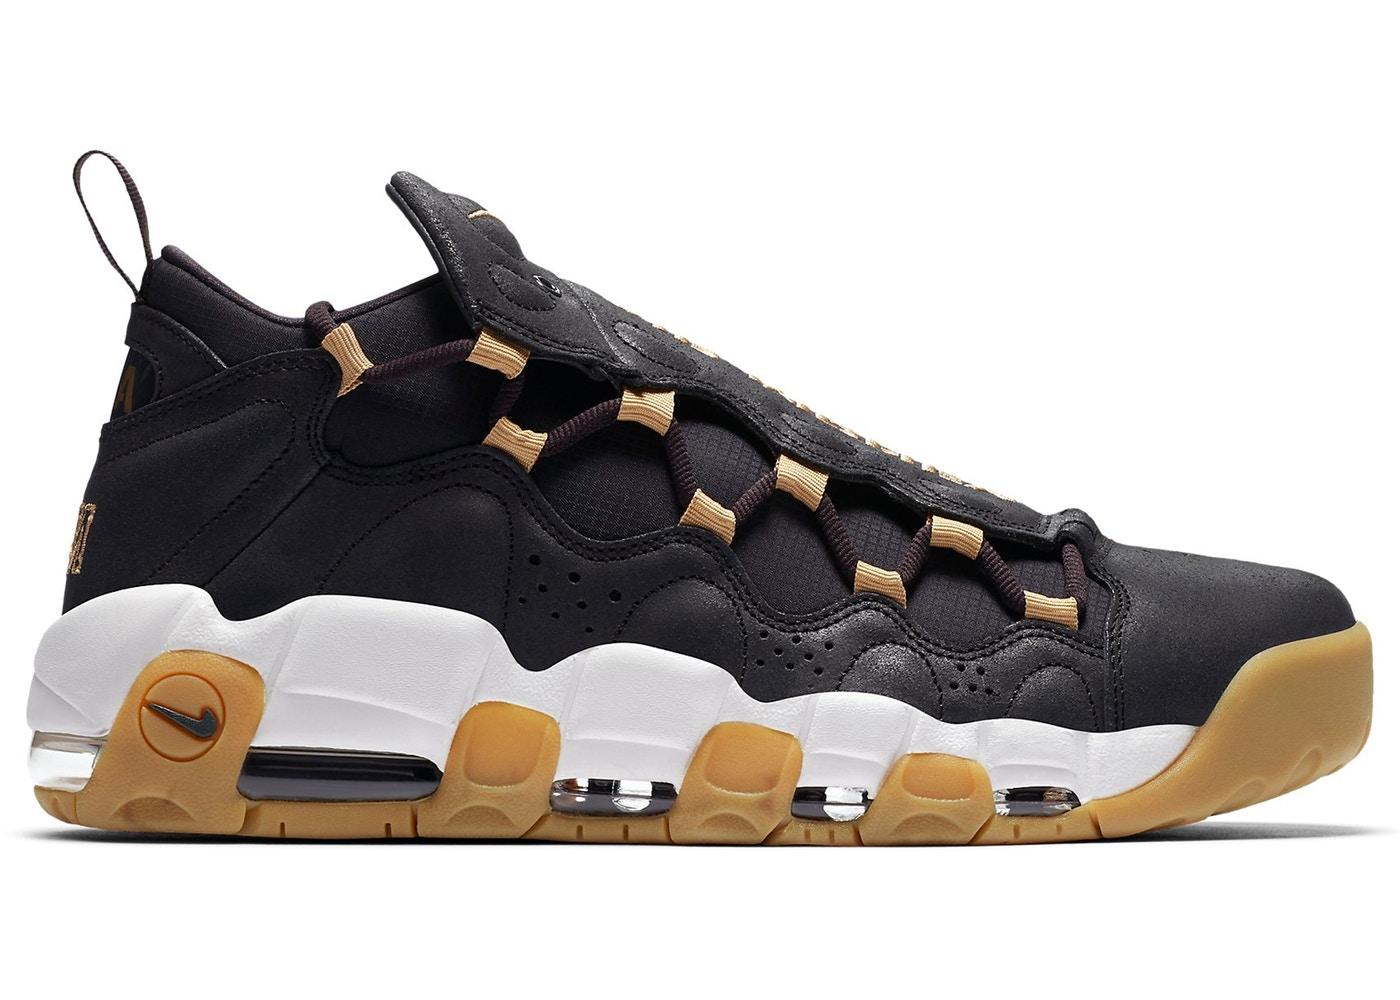 メンズ靴, スニーカー  NIKE AIR MORE MONEY NYC BROOKLYN OIL GREY METALLIC GOLDSAILMETALLIC GOLD